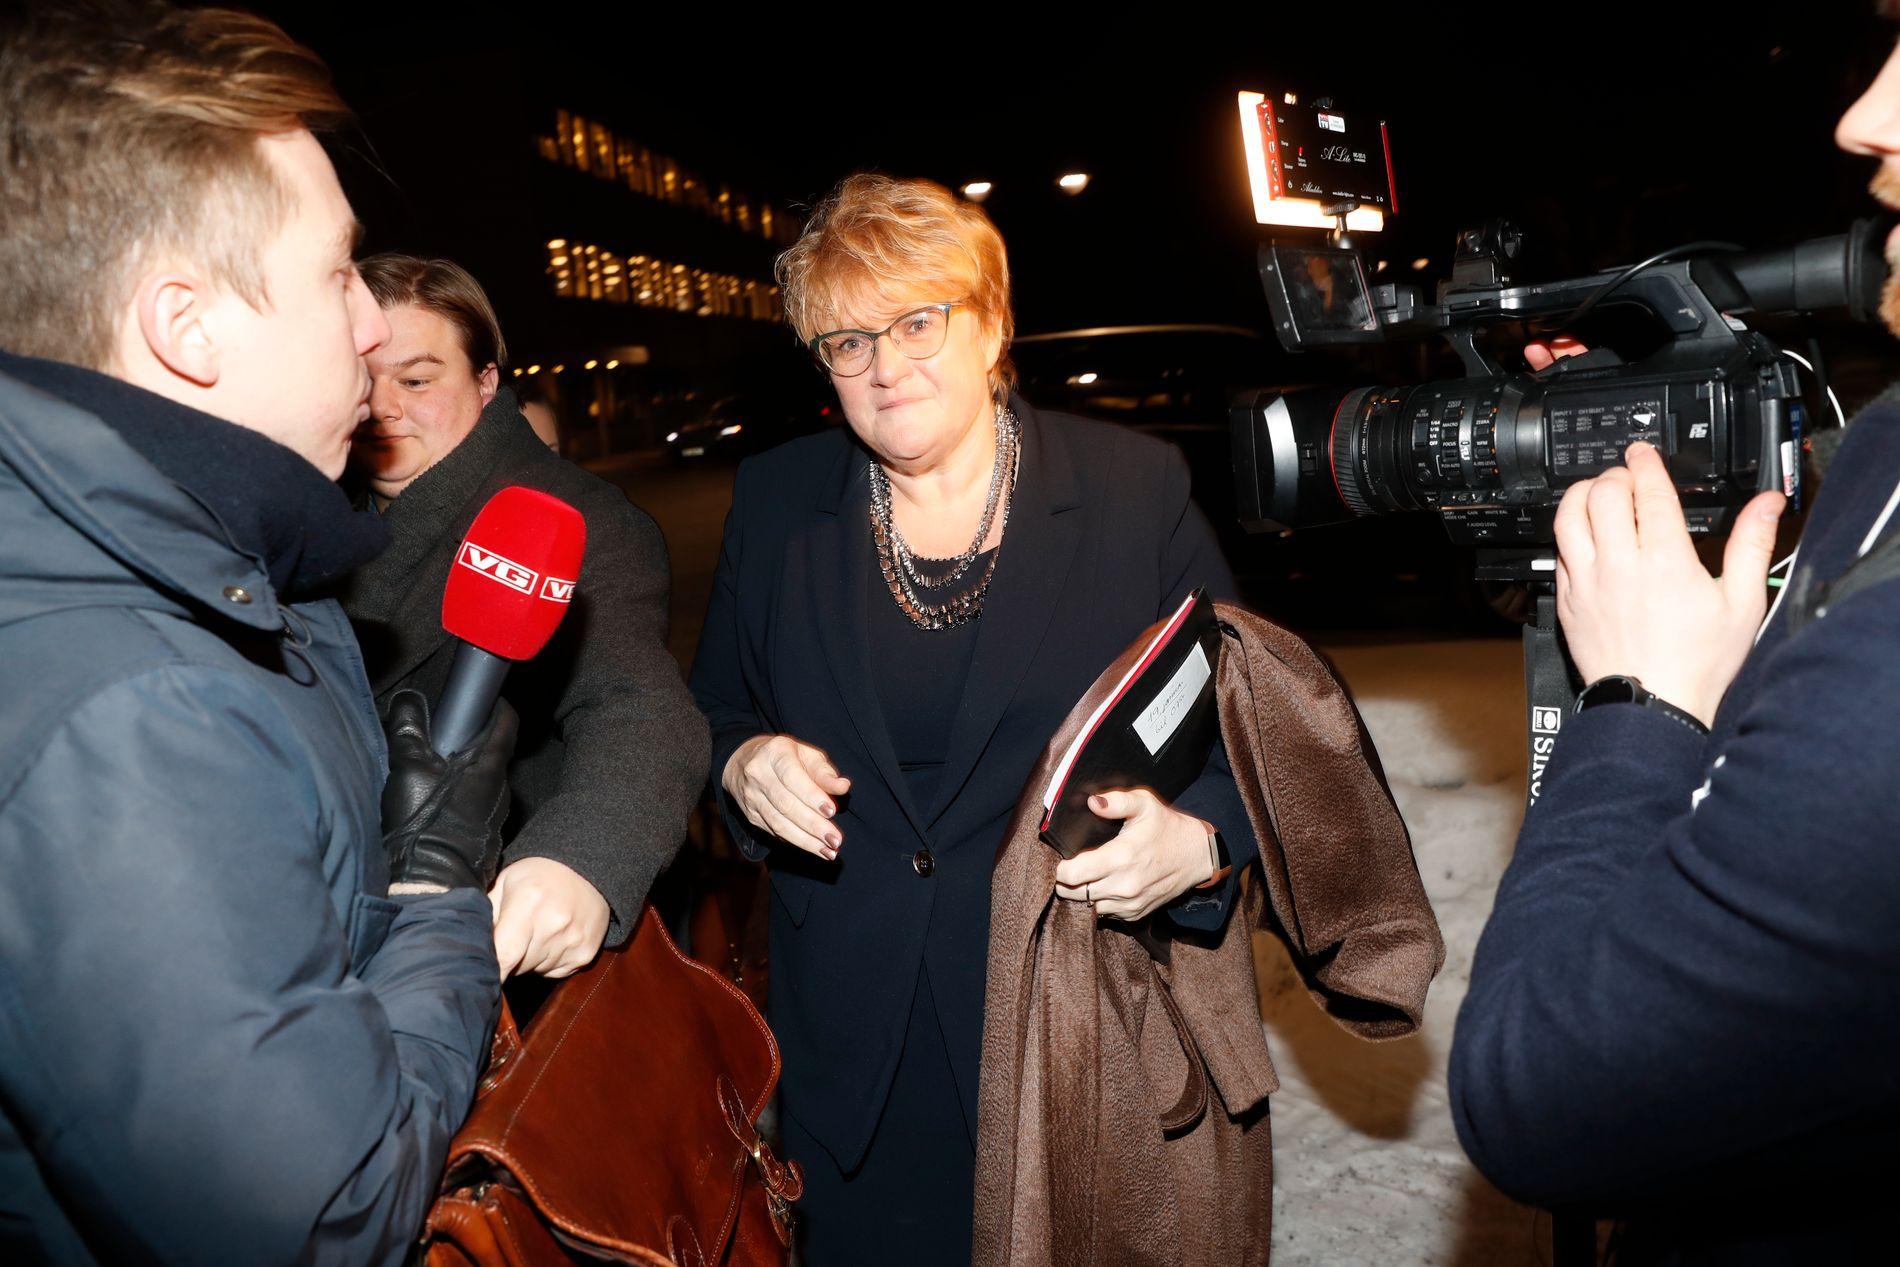 DEBATT: Trine Skei Grande på vei til Debatten i NRK torsdag kveld, der temaet blant annet ble saken fra 2008.